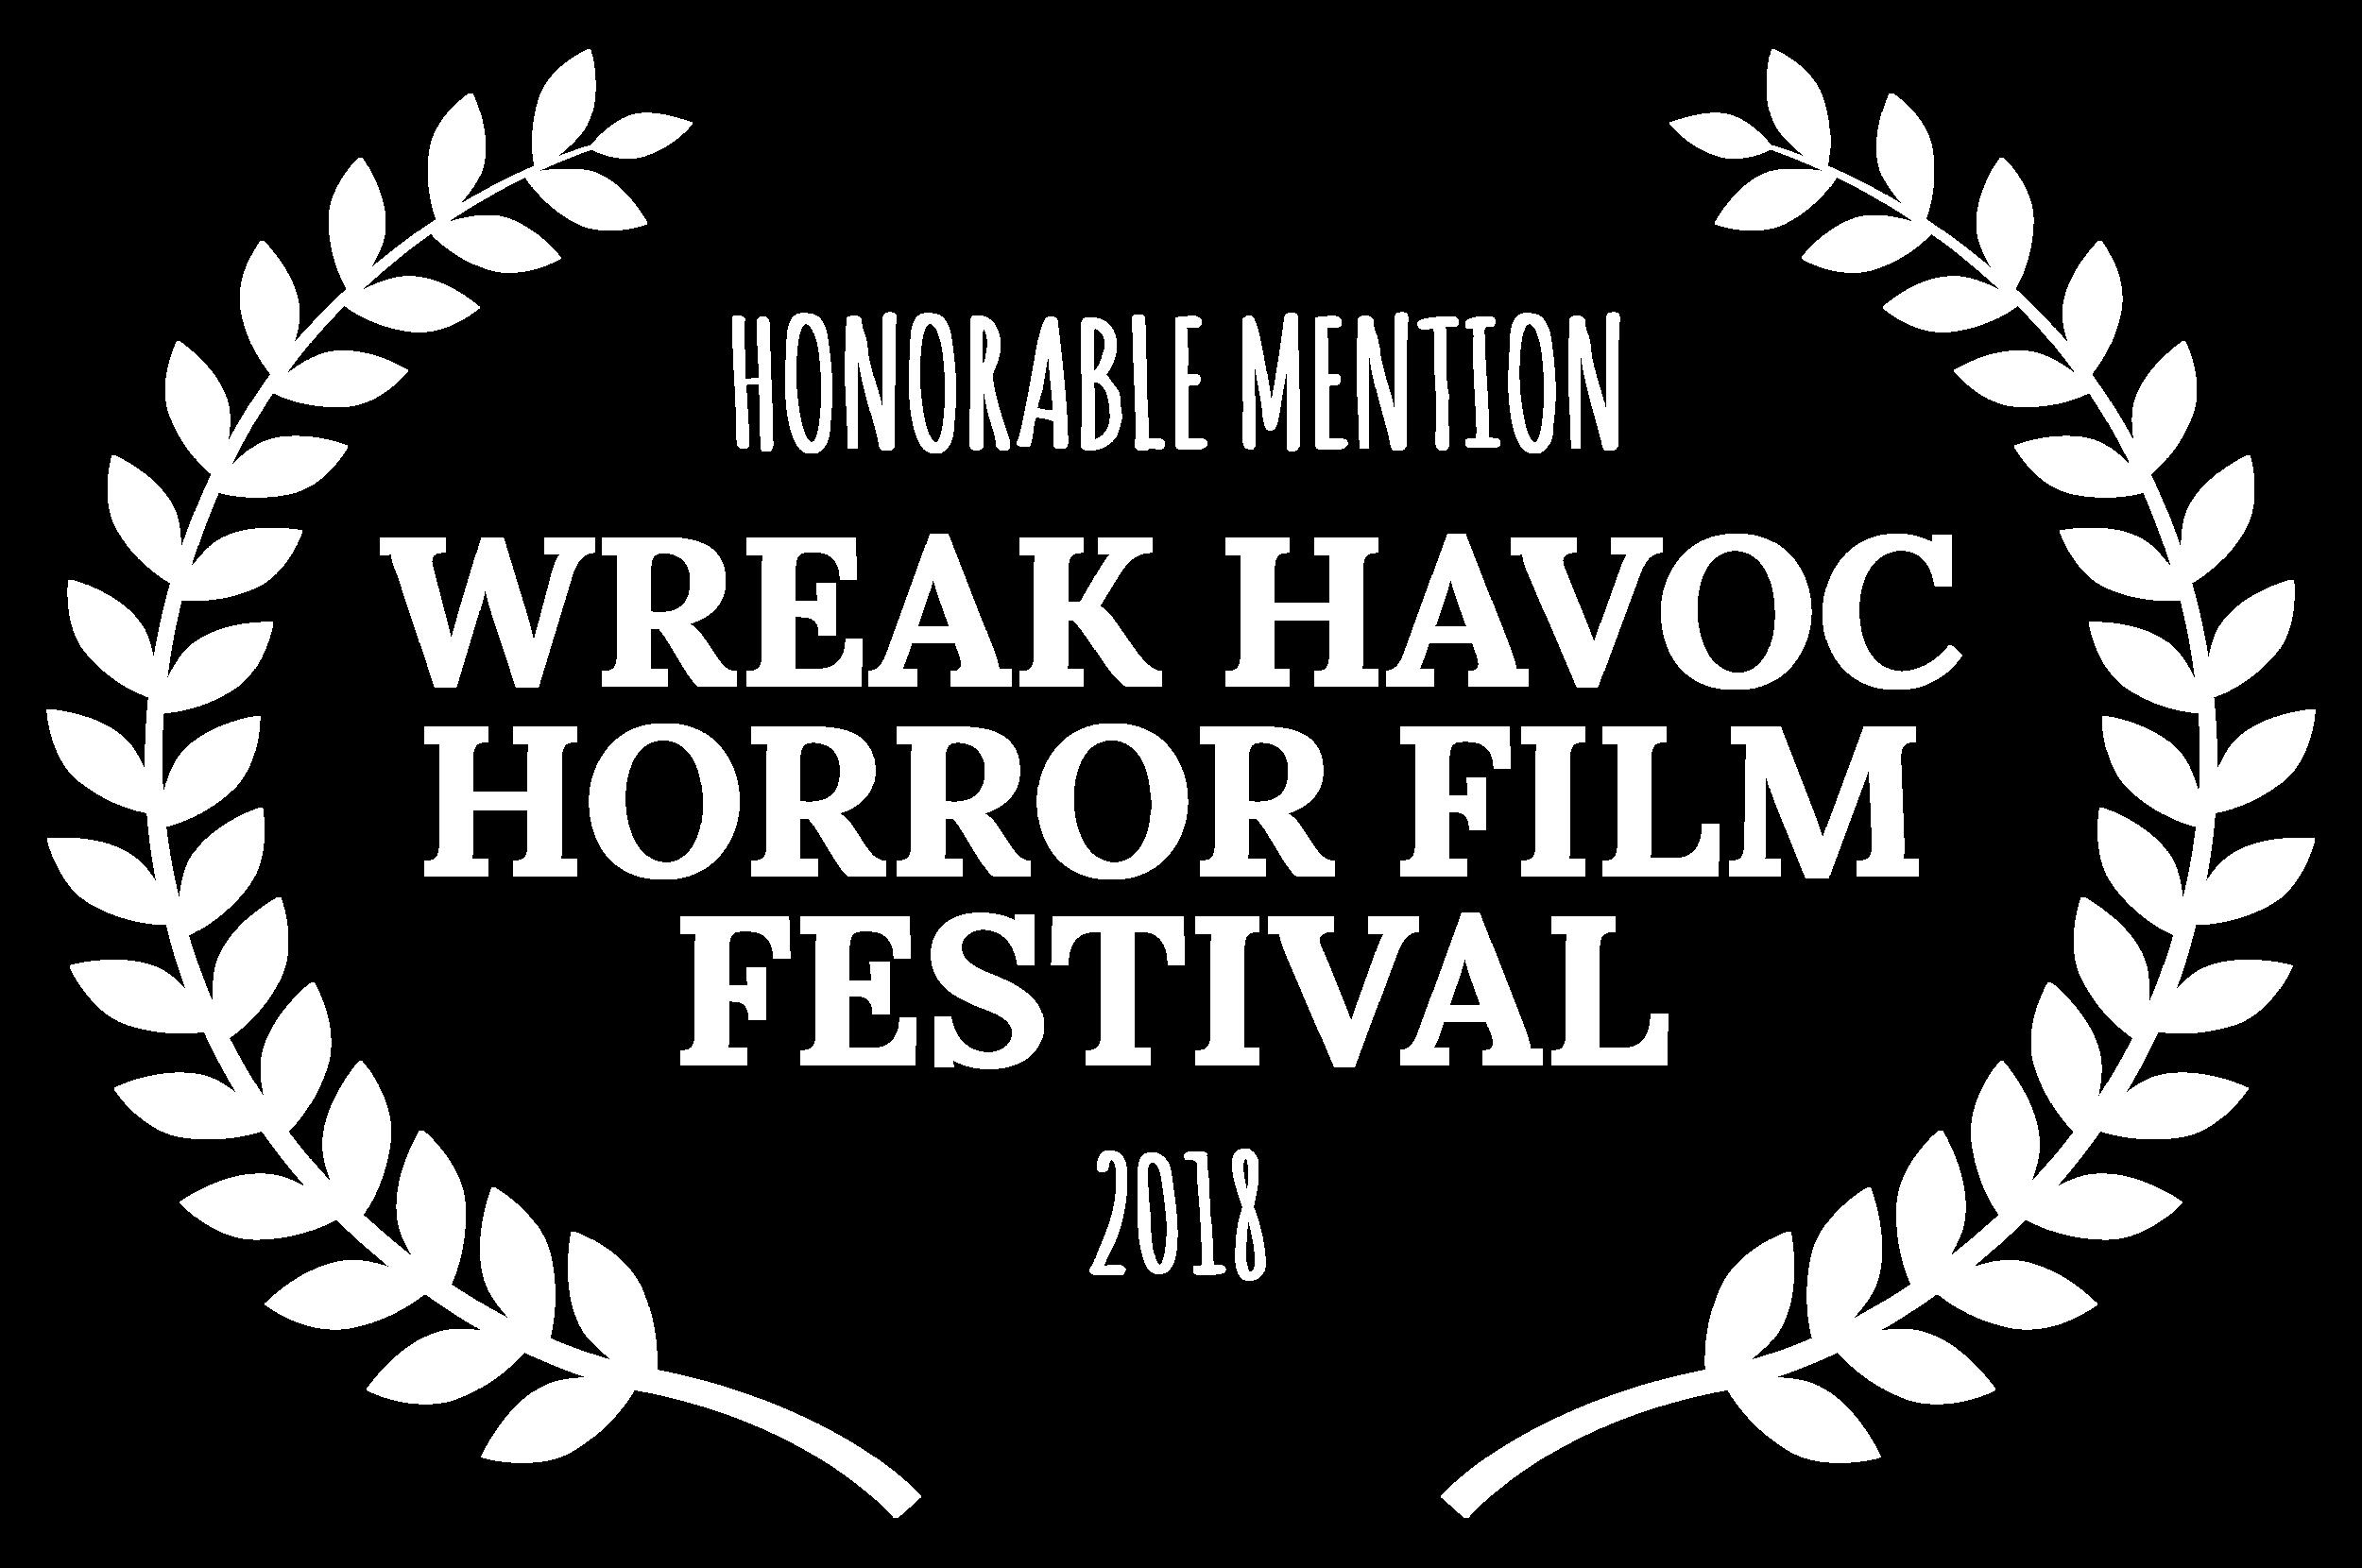 WREAK HAVOC HORROR FILM FESTIVAL-2018 Honorable Mention Award white.png